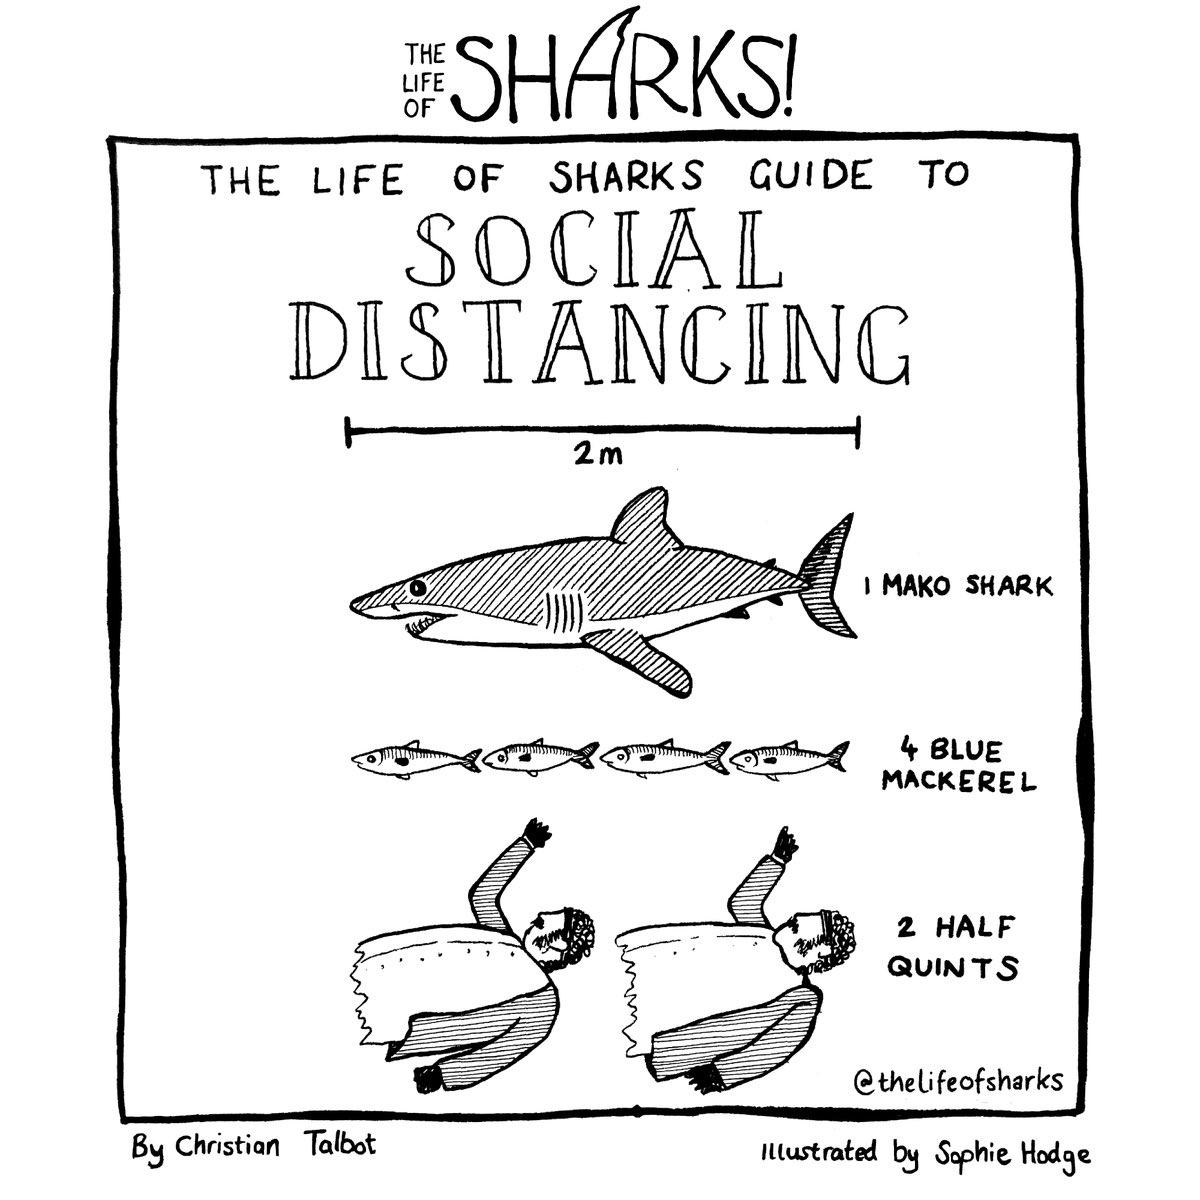 Farewell and adieu.   #SocialDistancing #sharks #jaws https://t.co/QiKJUn4L6j